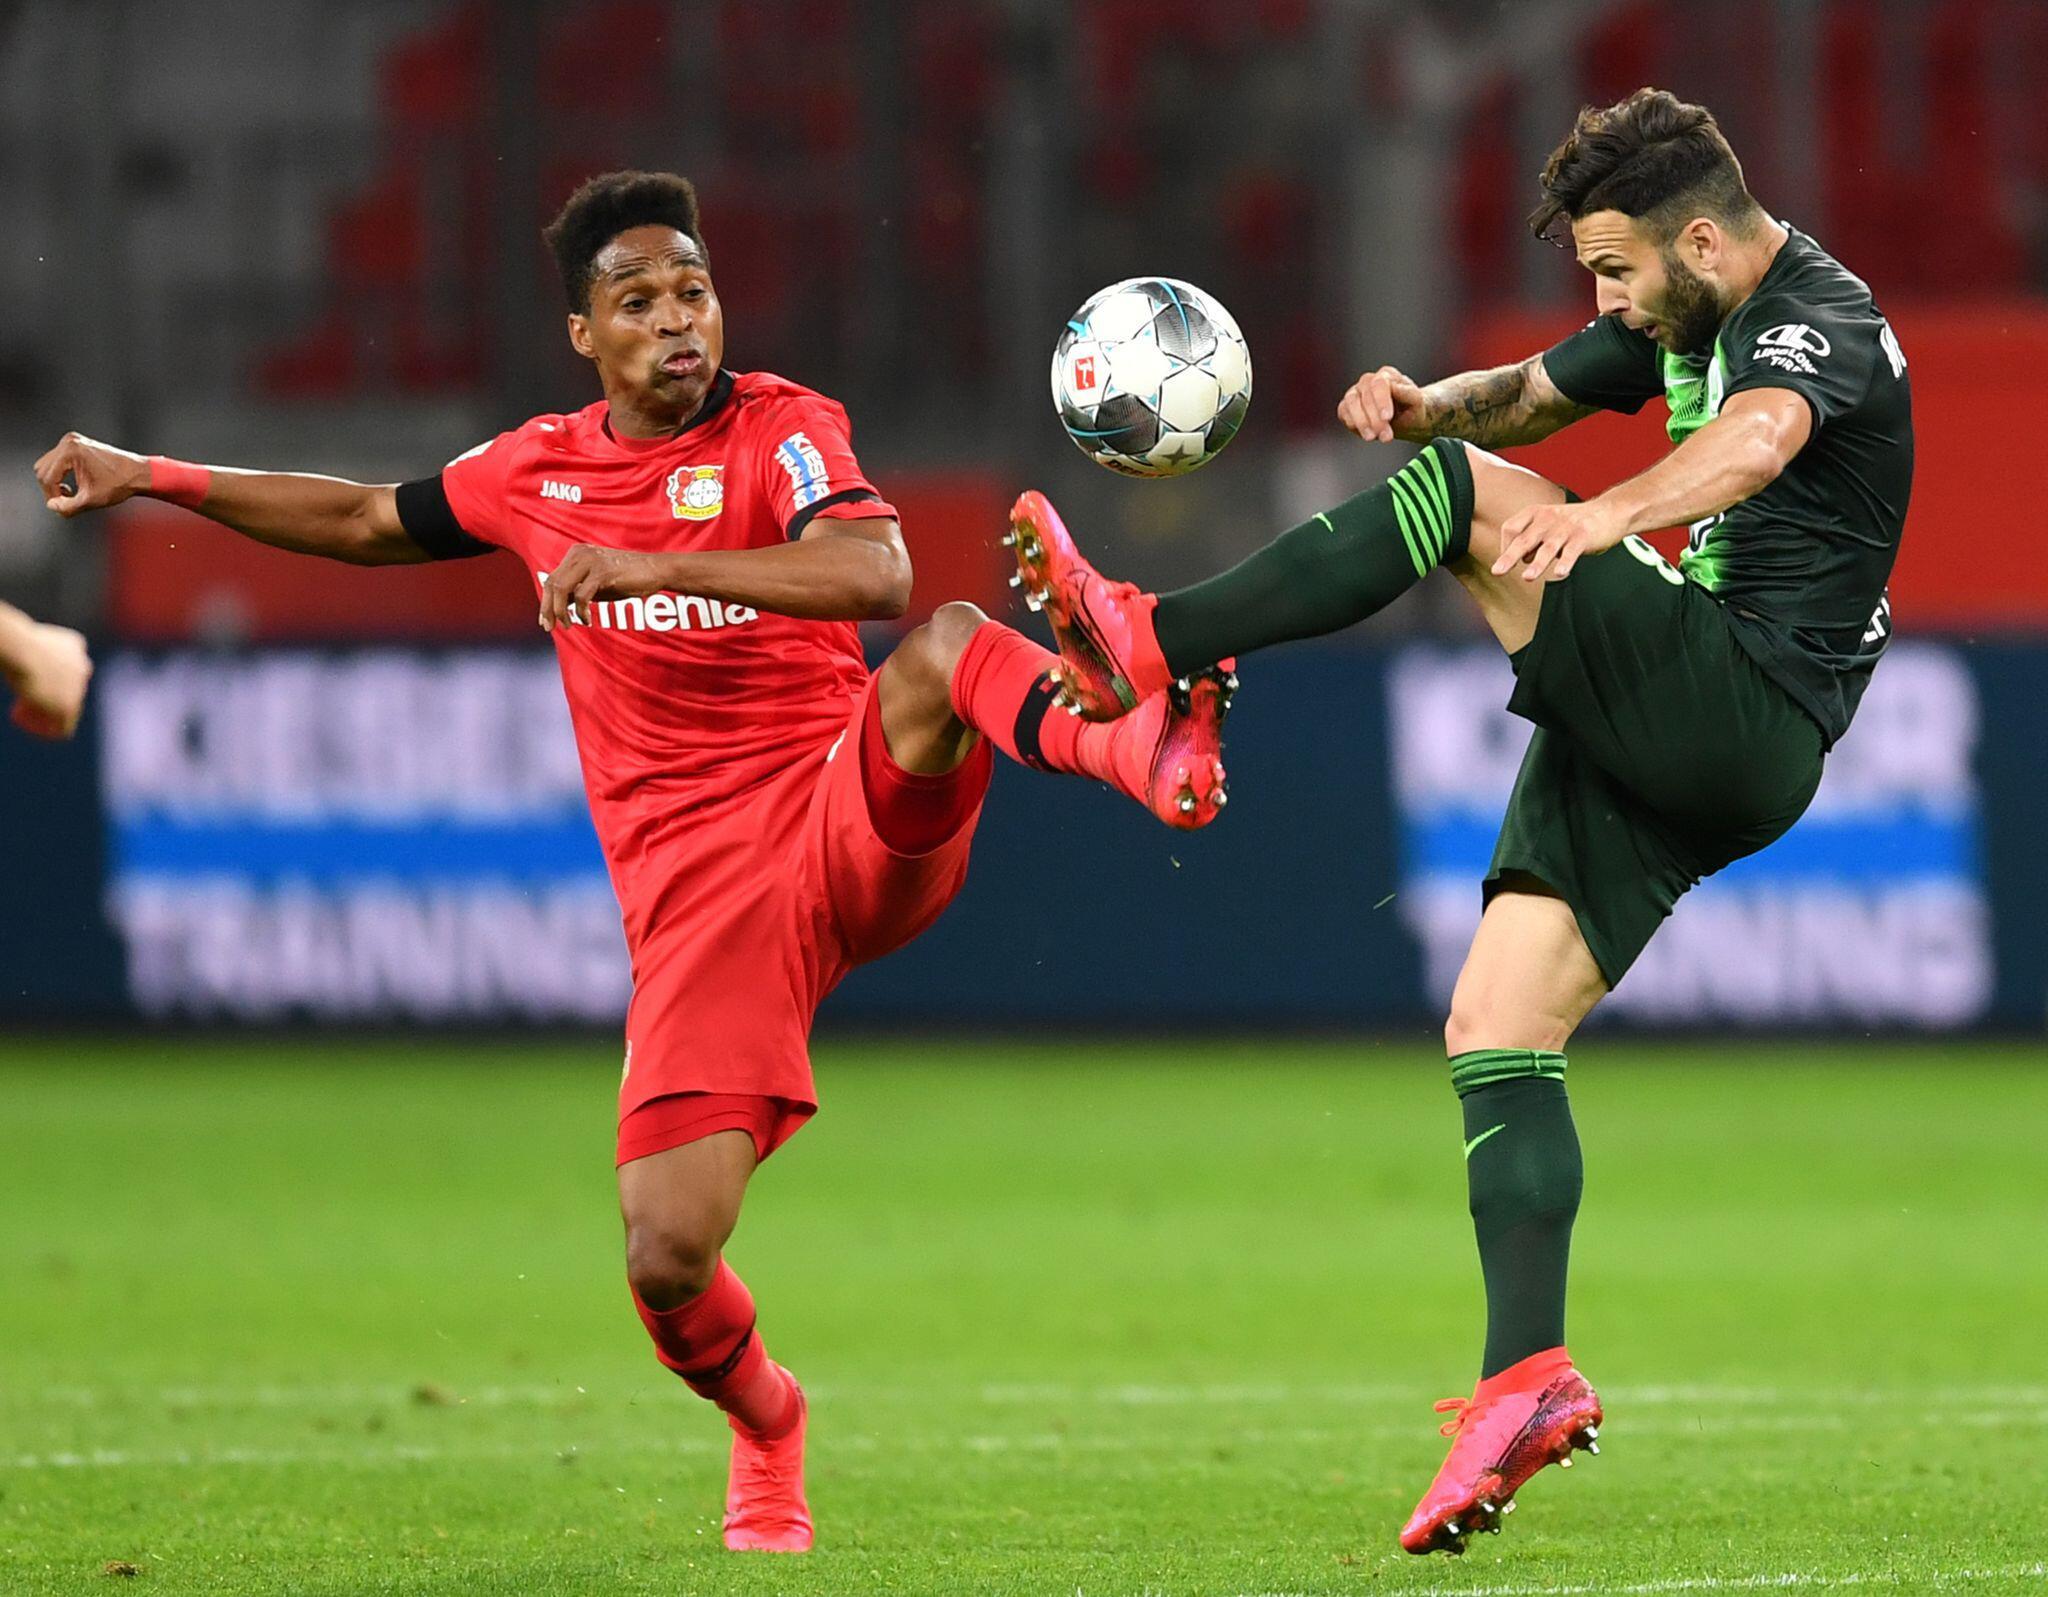 Bild zu Bayer Leverkusen - VfL Wolfsburg